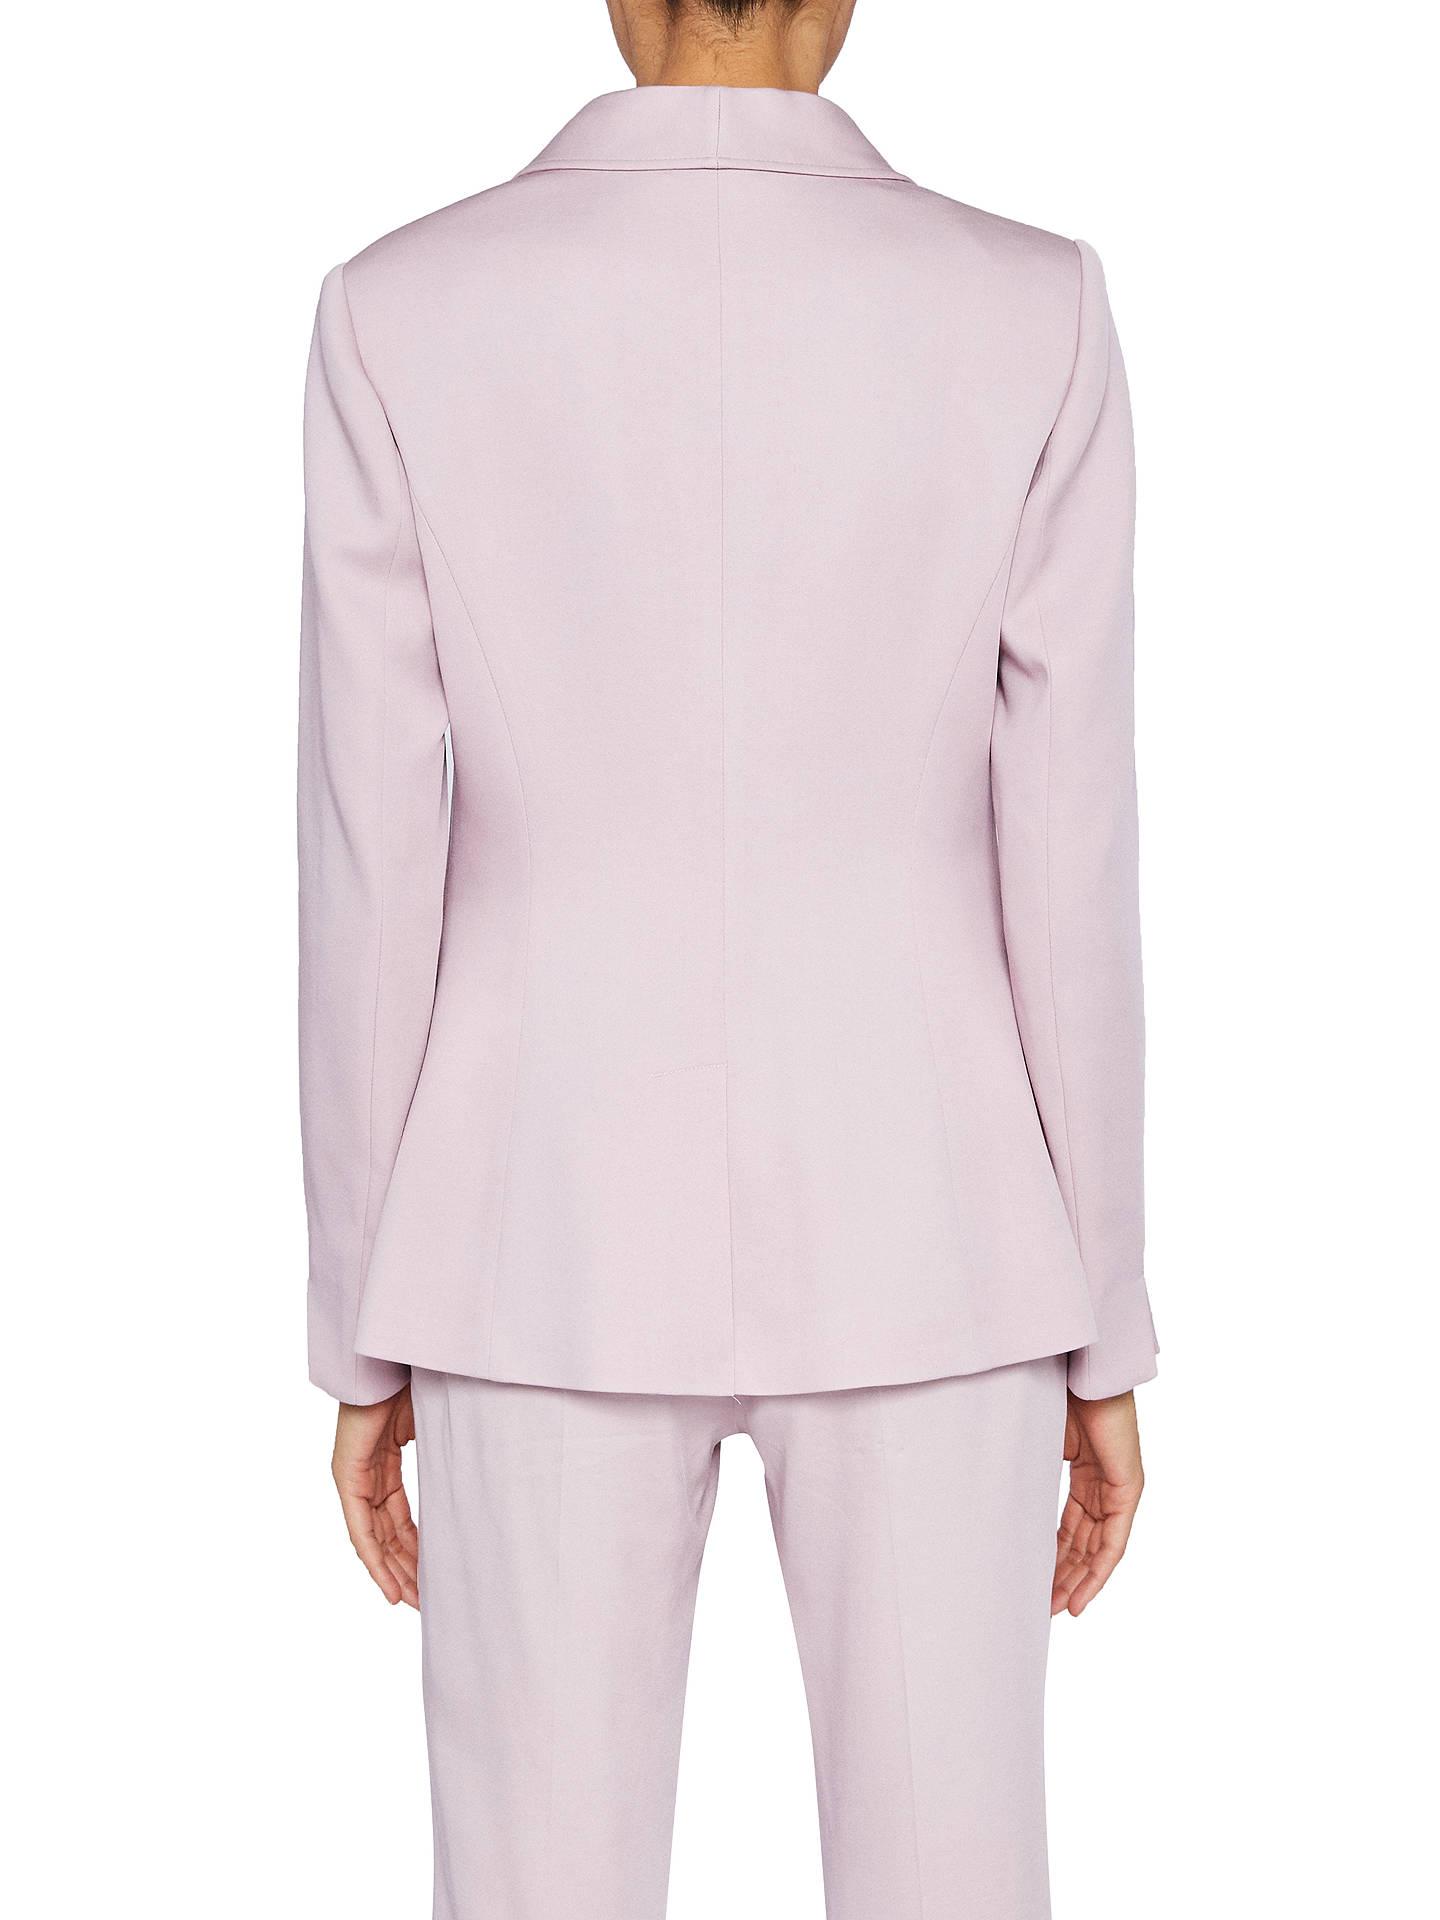 af5d7dbcddd58 Buy Ted Baker Dornaj Lapel Suit Jacket